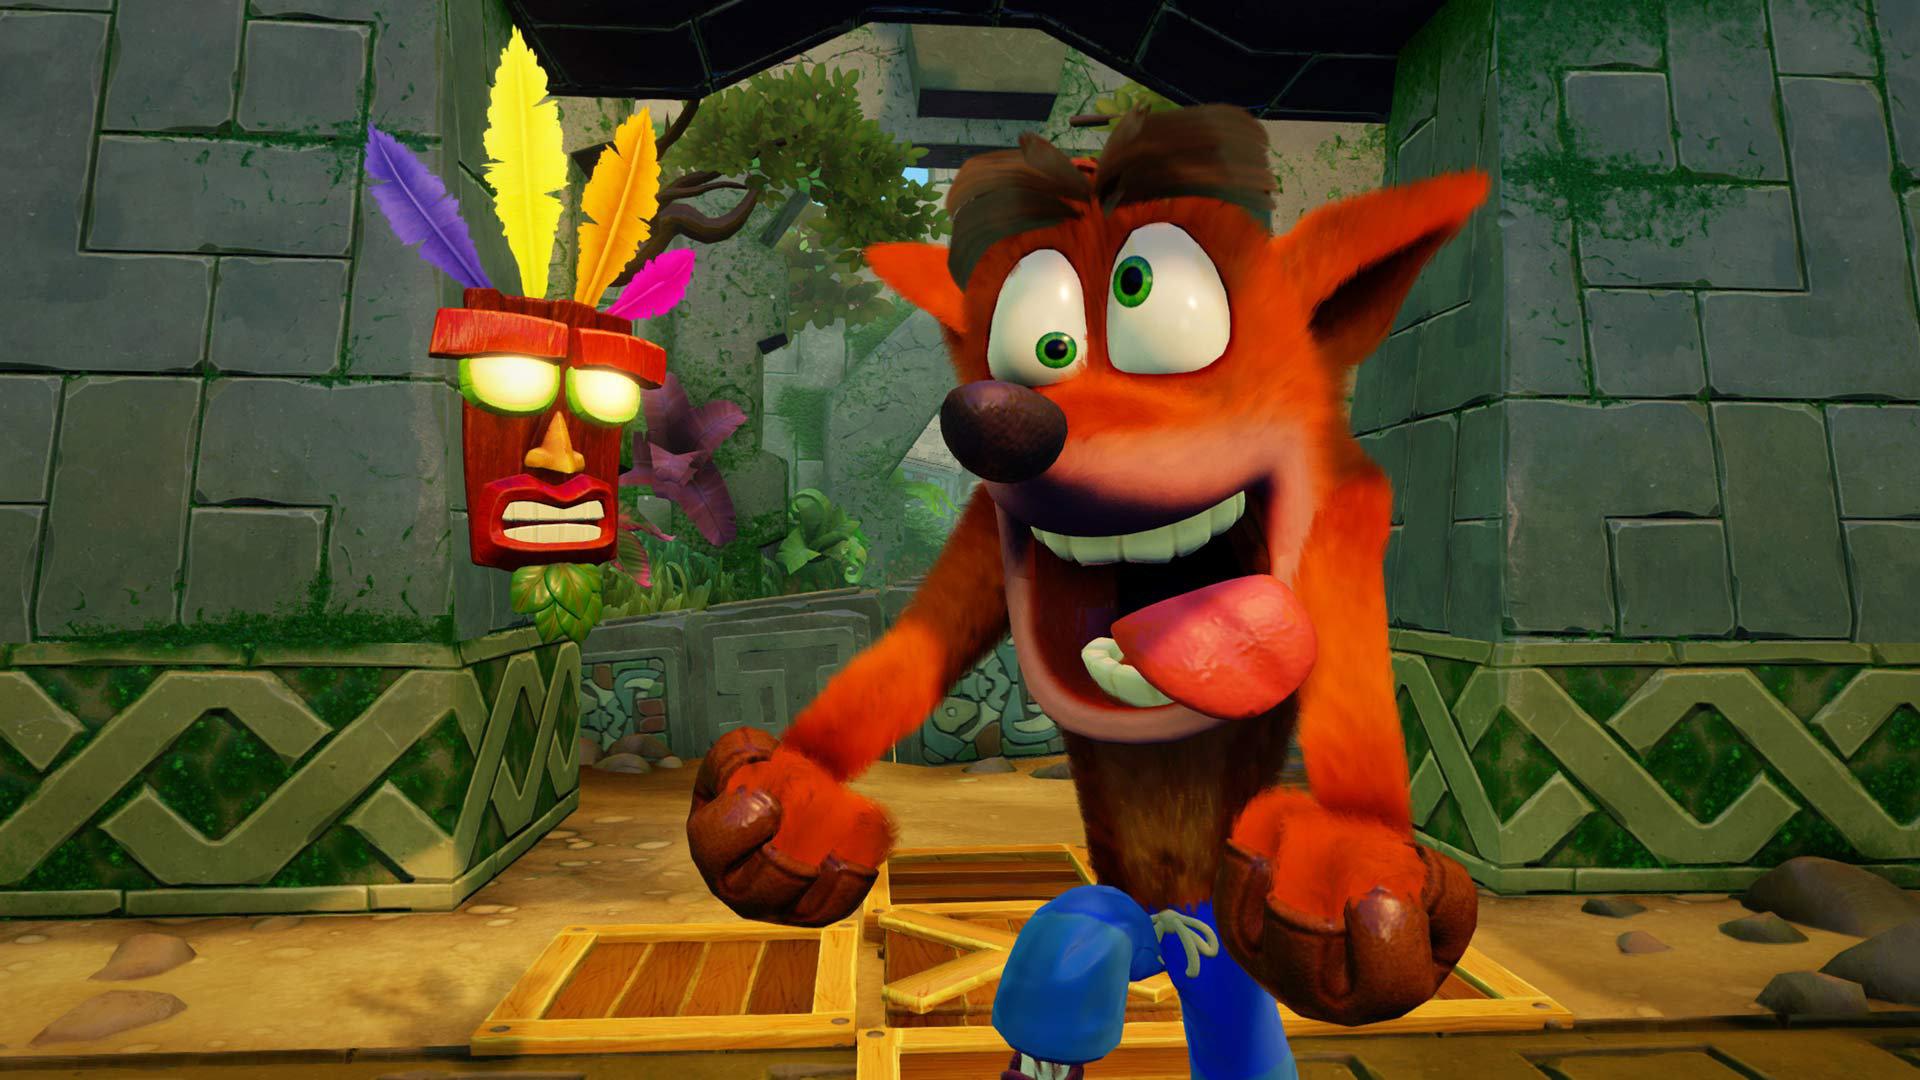 Wallpaper Crash Bandicoot N. Sane Trilogy, video game, 2017 game, fox